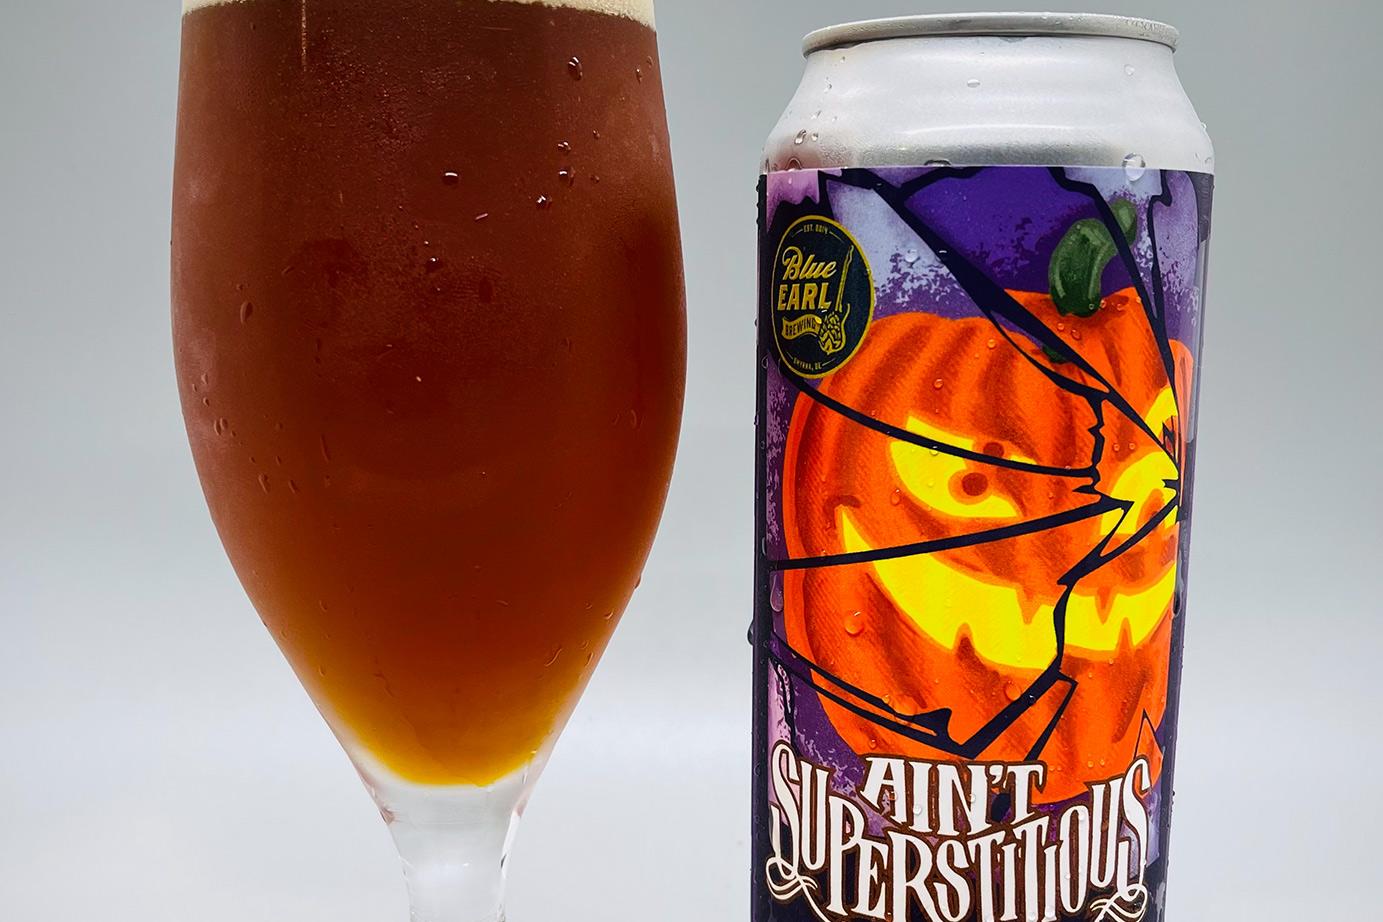 Blue Earl's Ain't Superstisious Pumpkin Ale